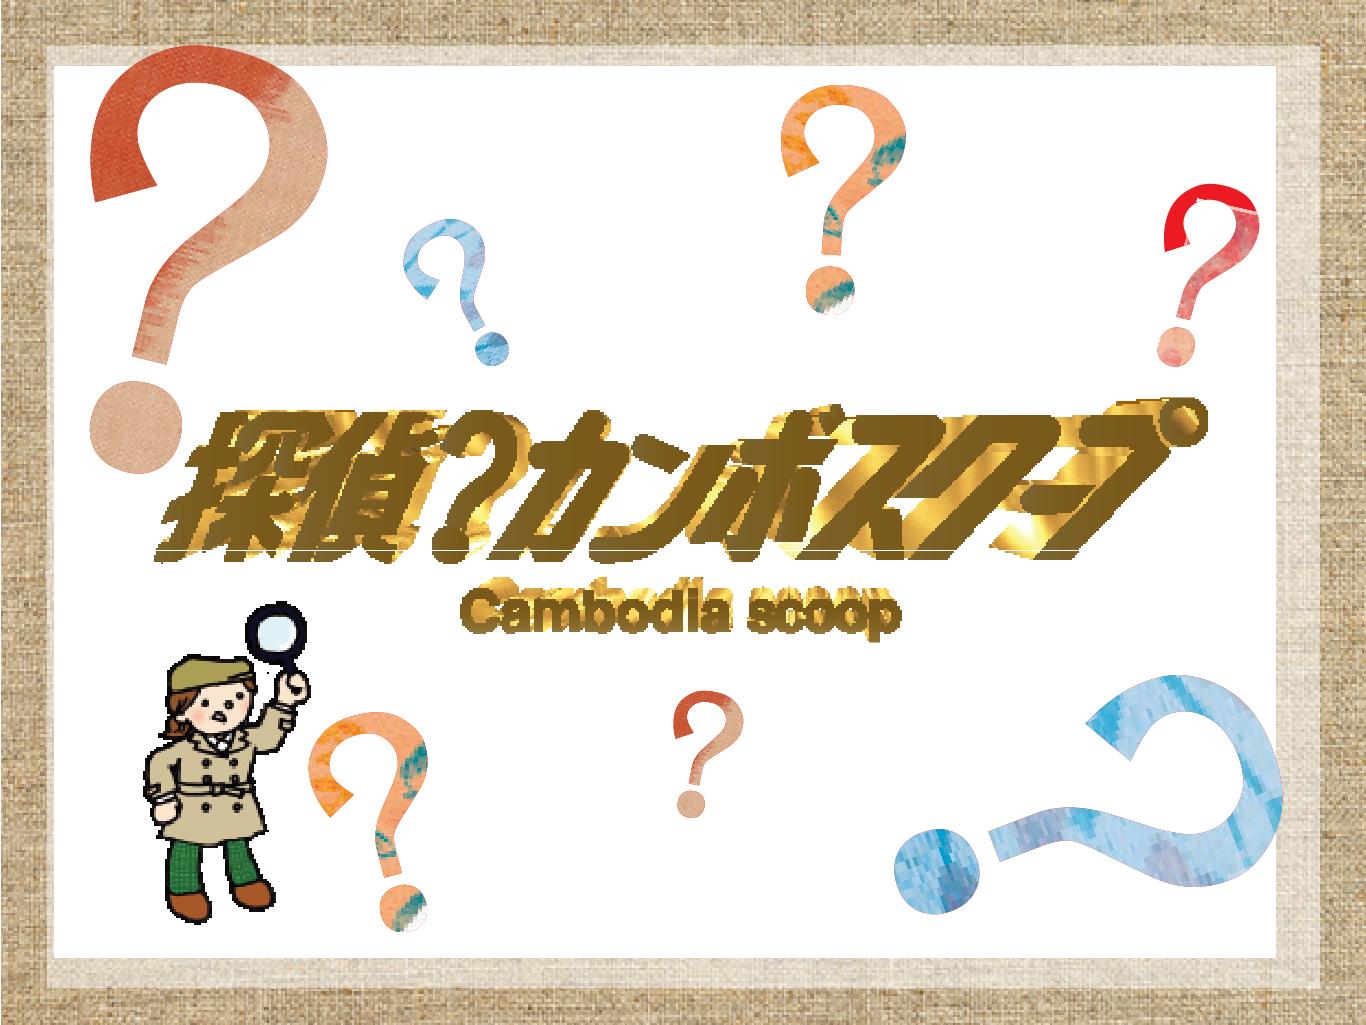 (日本語) 初体験! 「カンボジア流」美容室シャンプー 『探偵?カンボスクープ』